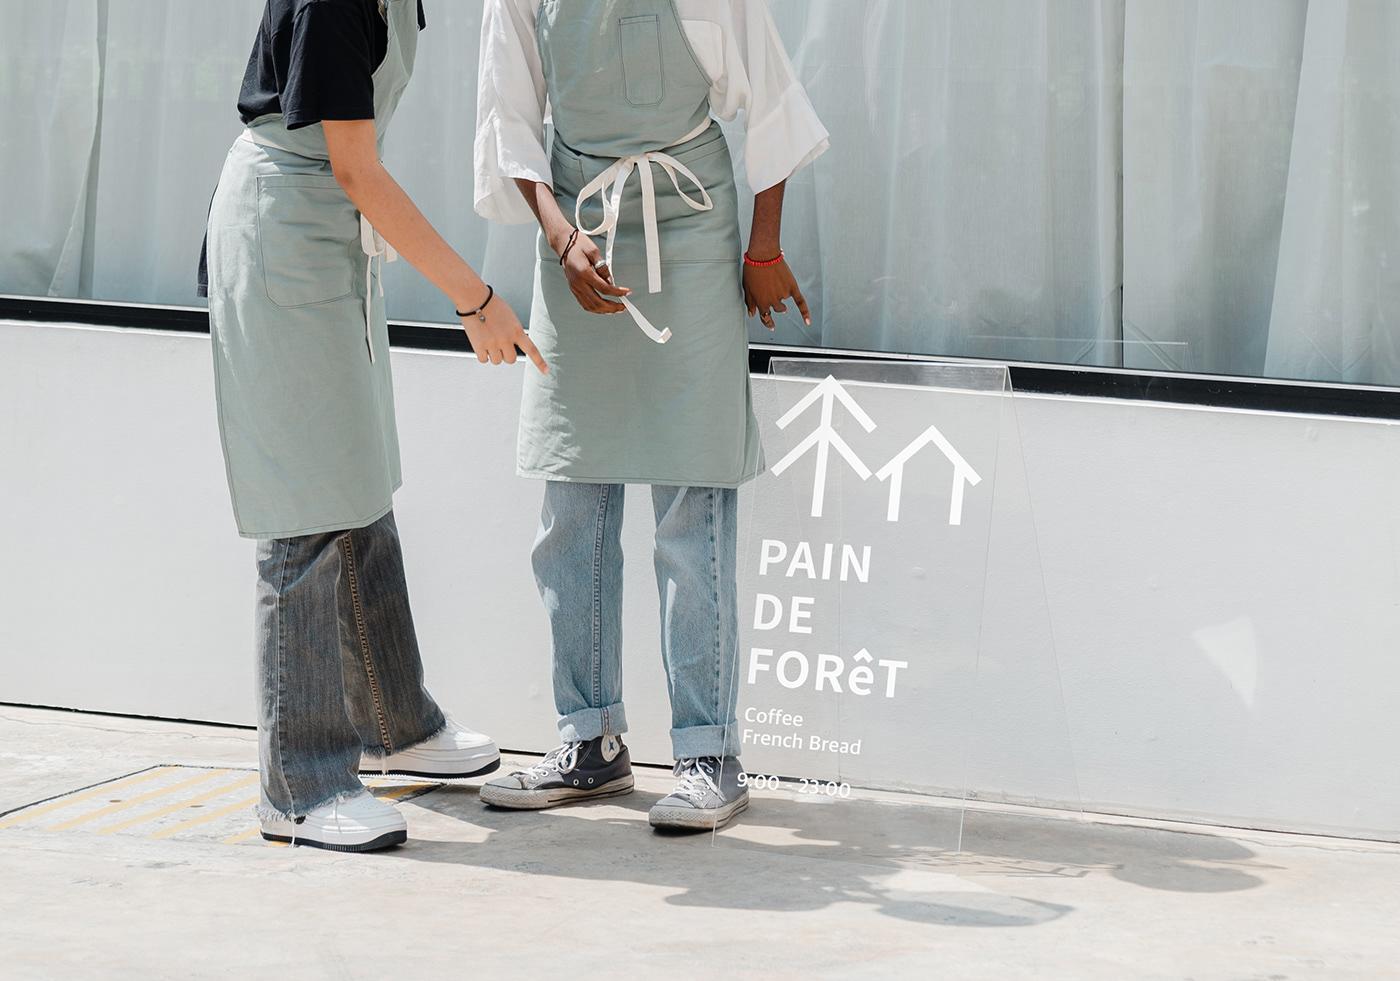 bakery bakery design  brand branding  cafe Cafe design identity logo modern motion